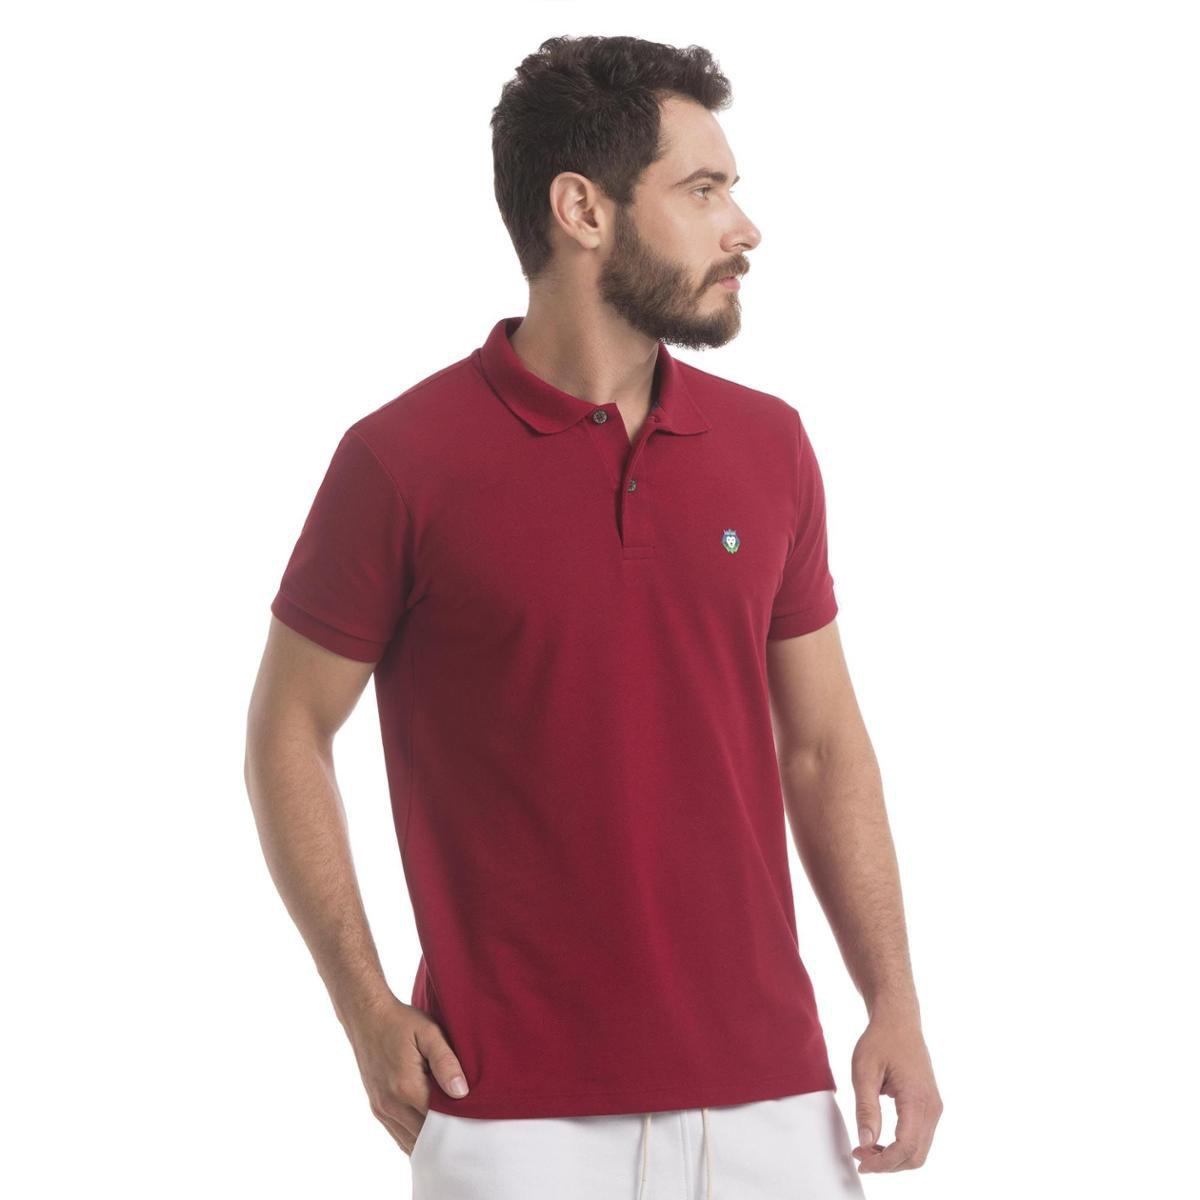 c35aa4b424 Camisa Polo Zaiden Store Piquet Zaiden Style S1 - Vermelho Escuro ...